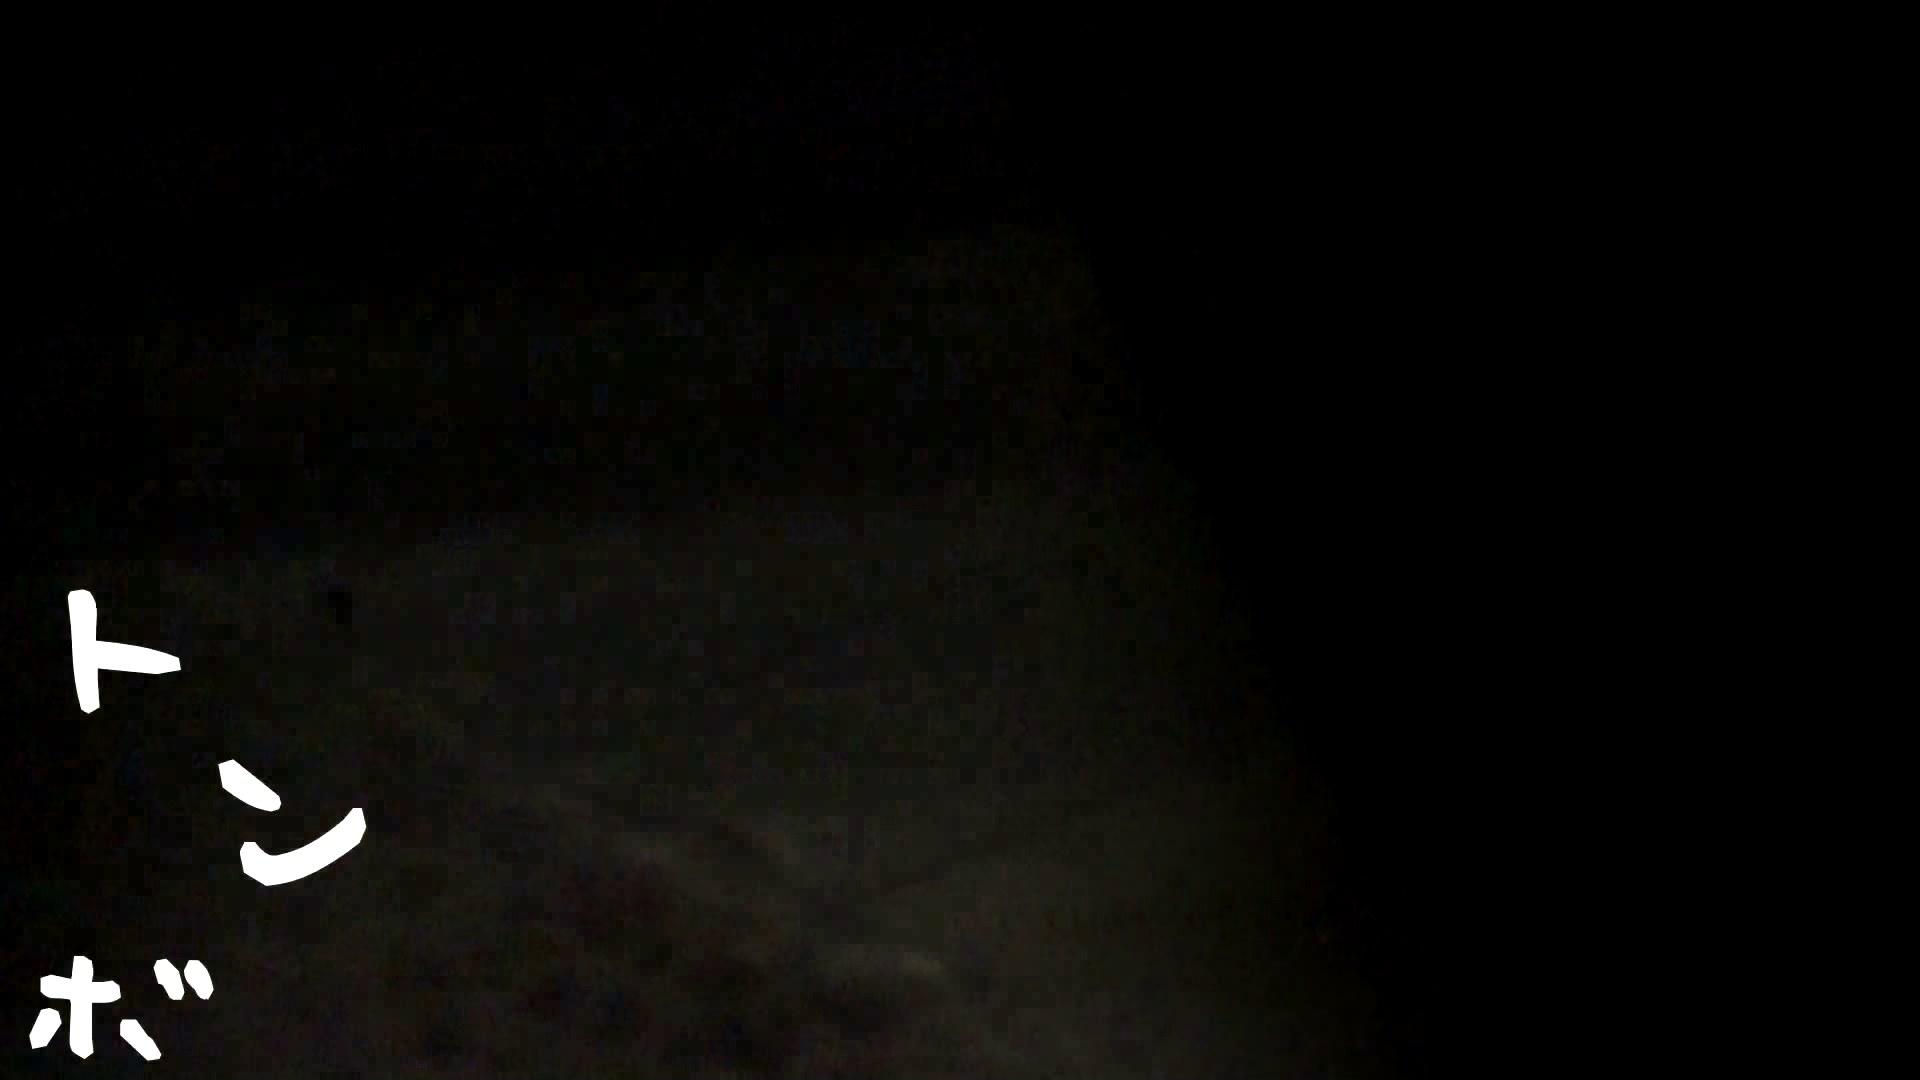 リアル盗撮 清楚なお女市さんのマル秘私生活① 高画質動画 ワレメ動画紹介 68画像 50